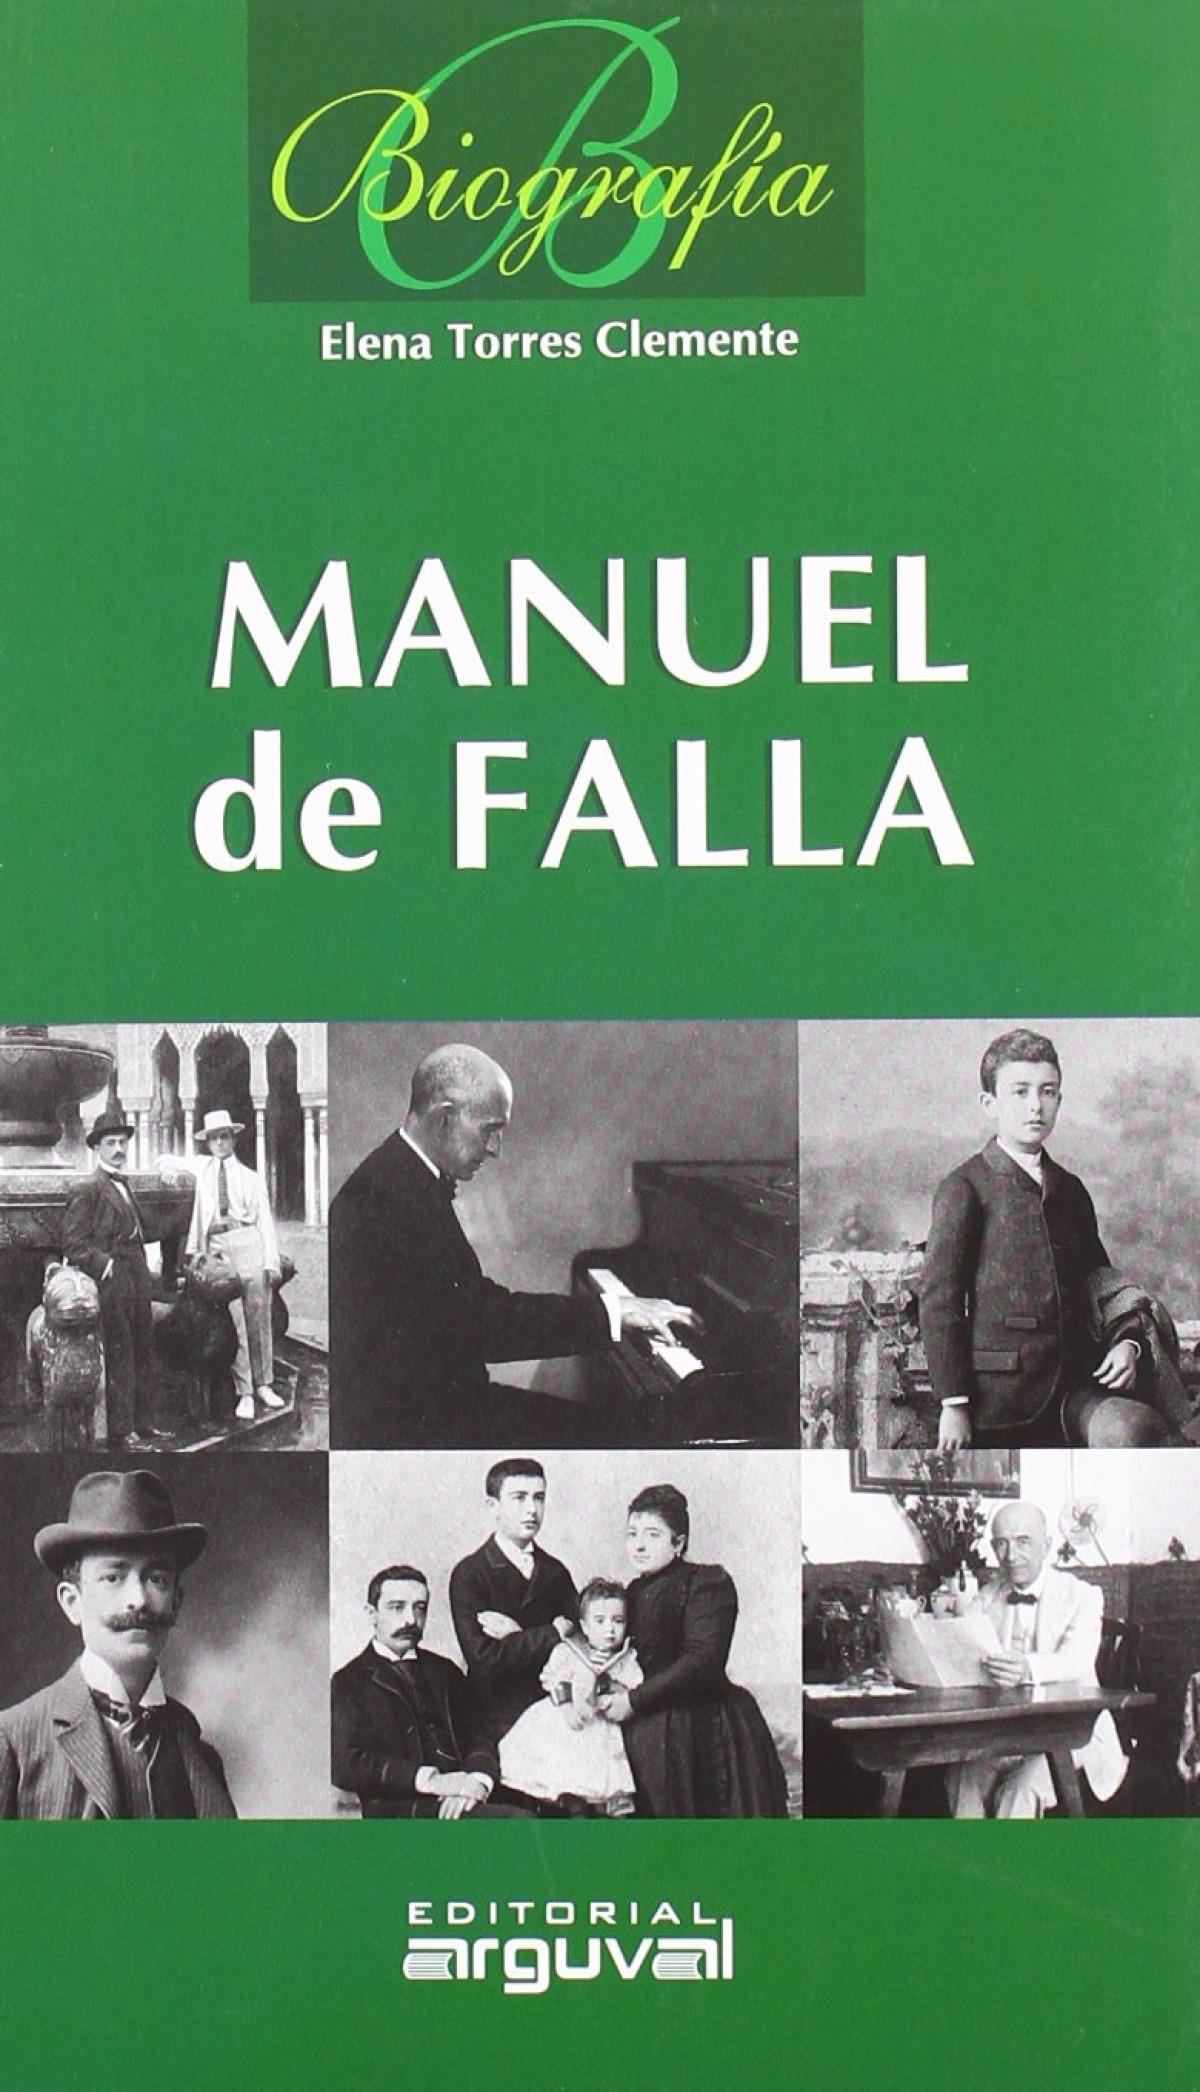 Manuel de Falla 9788496912434